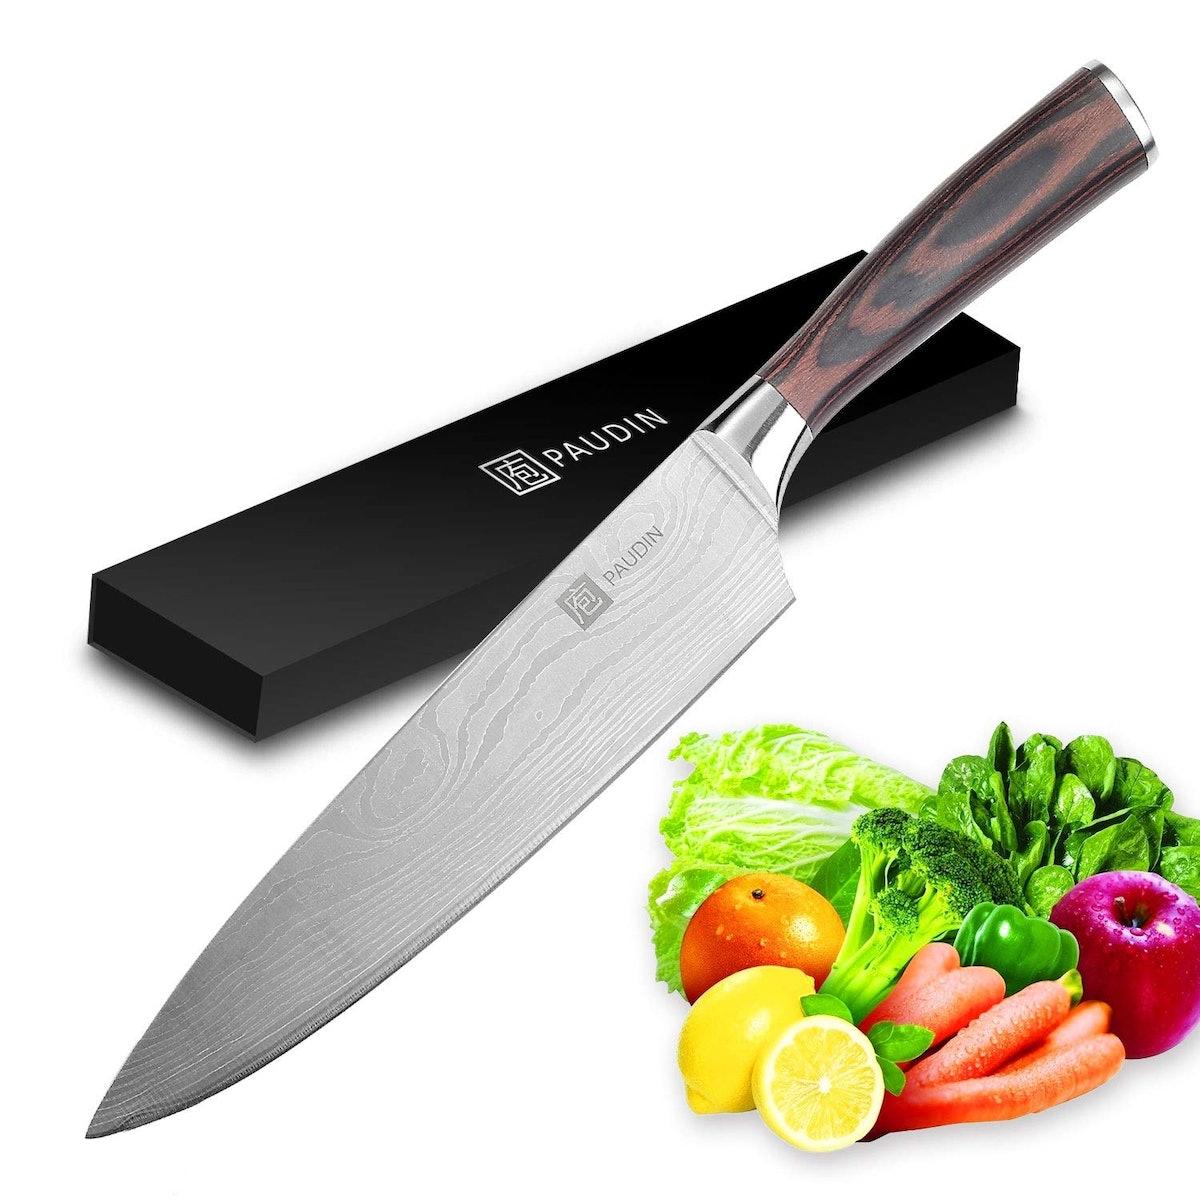 Paudin Pro Kitchen Knife